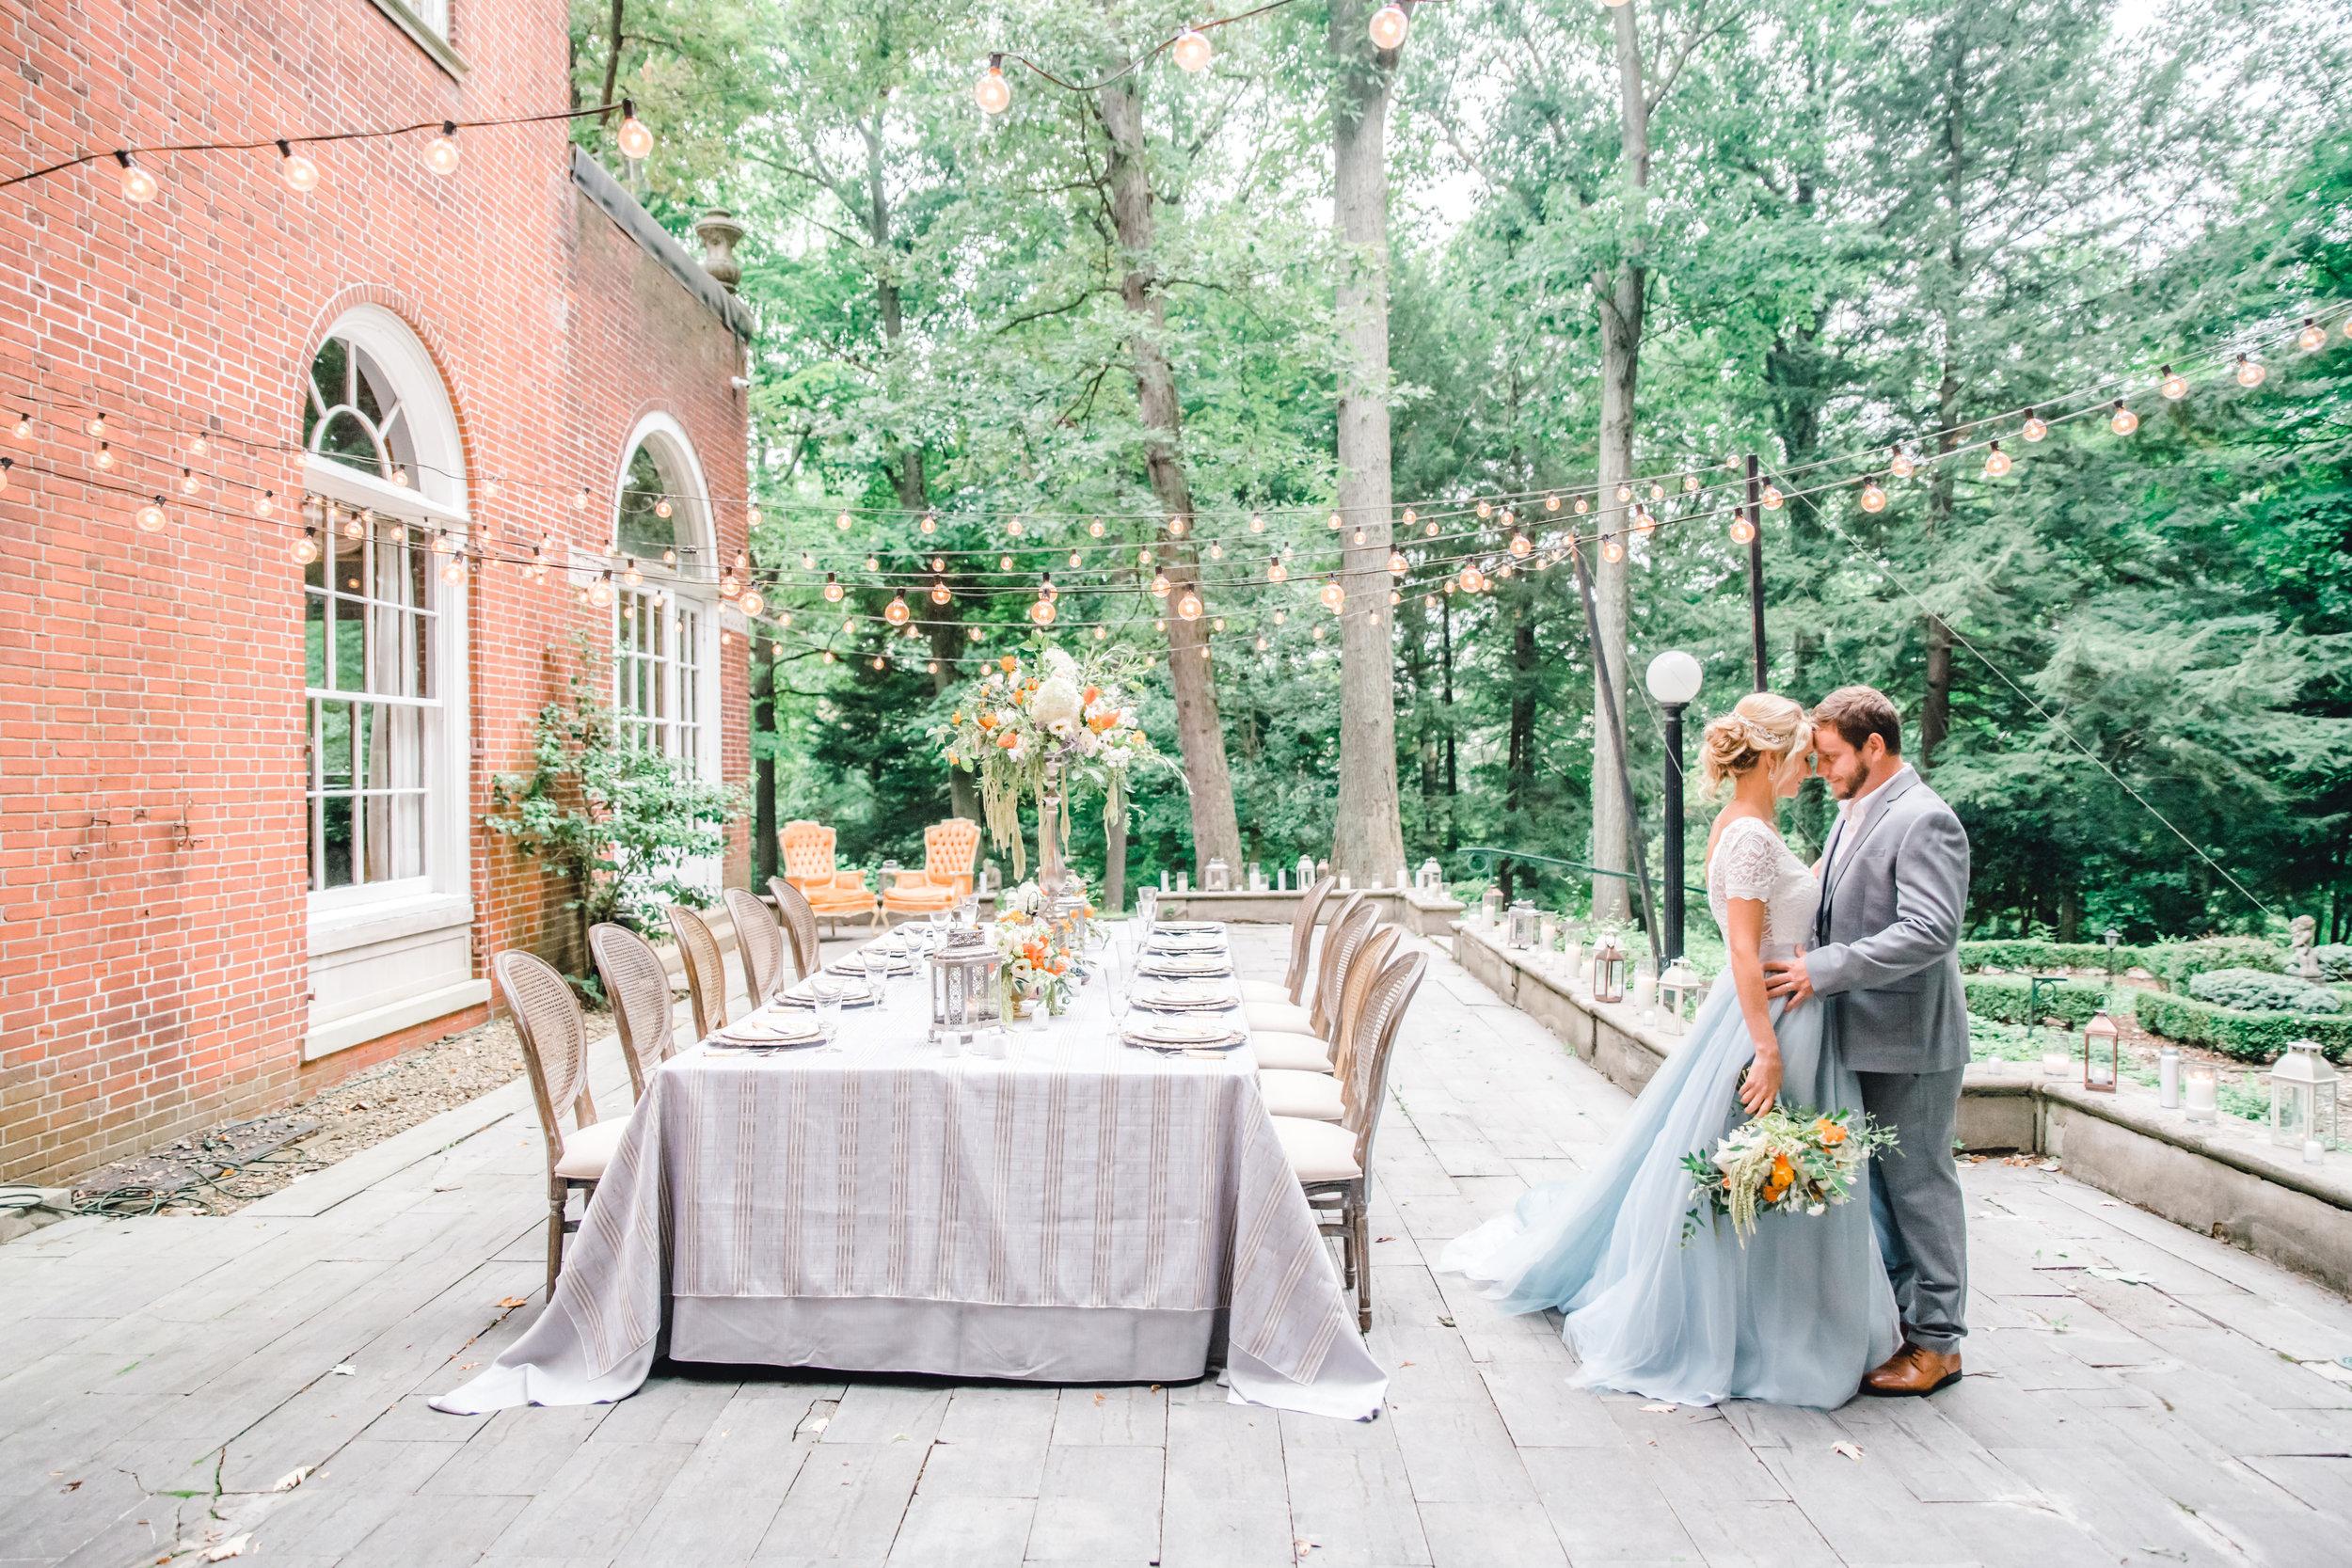 Jessica-Garda-Events-Pittsburgh-Wedding-Planner-Mansion-Butler-Blue-Grey-Orange-Palette (8).jpg